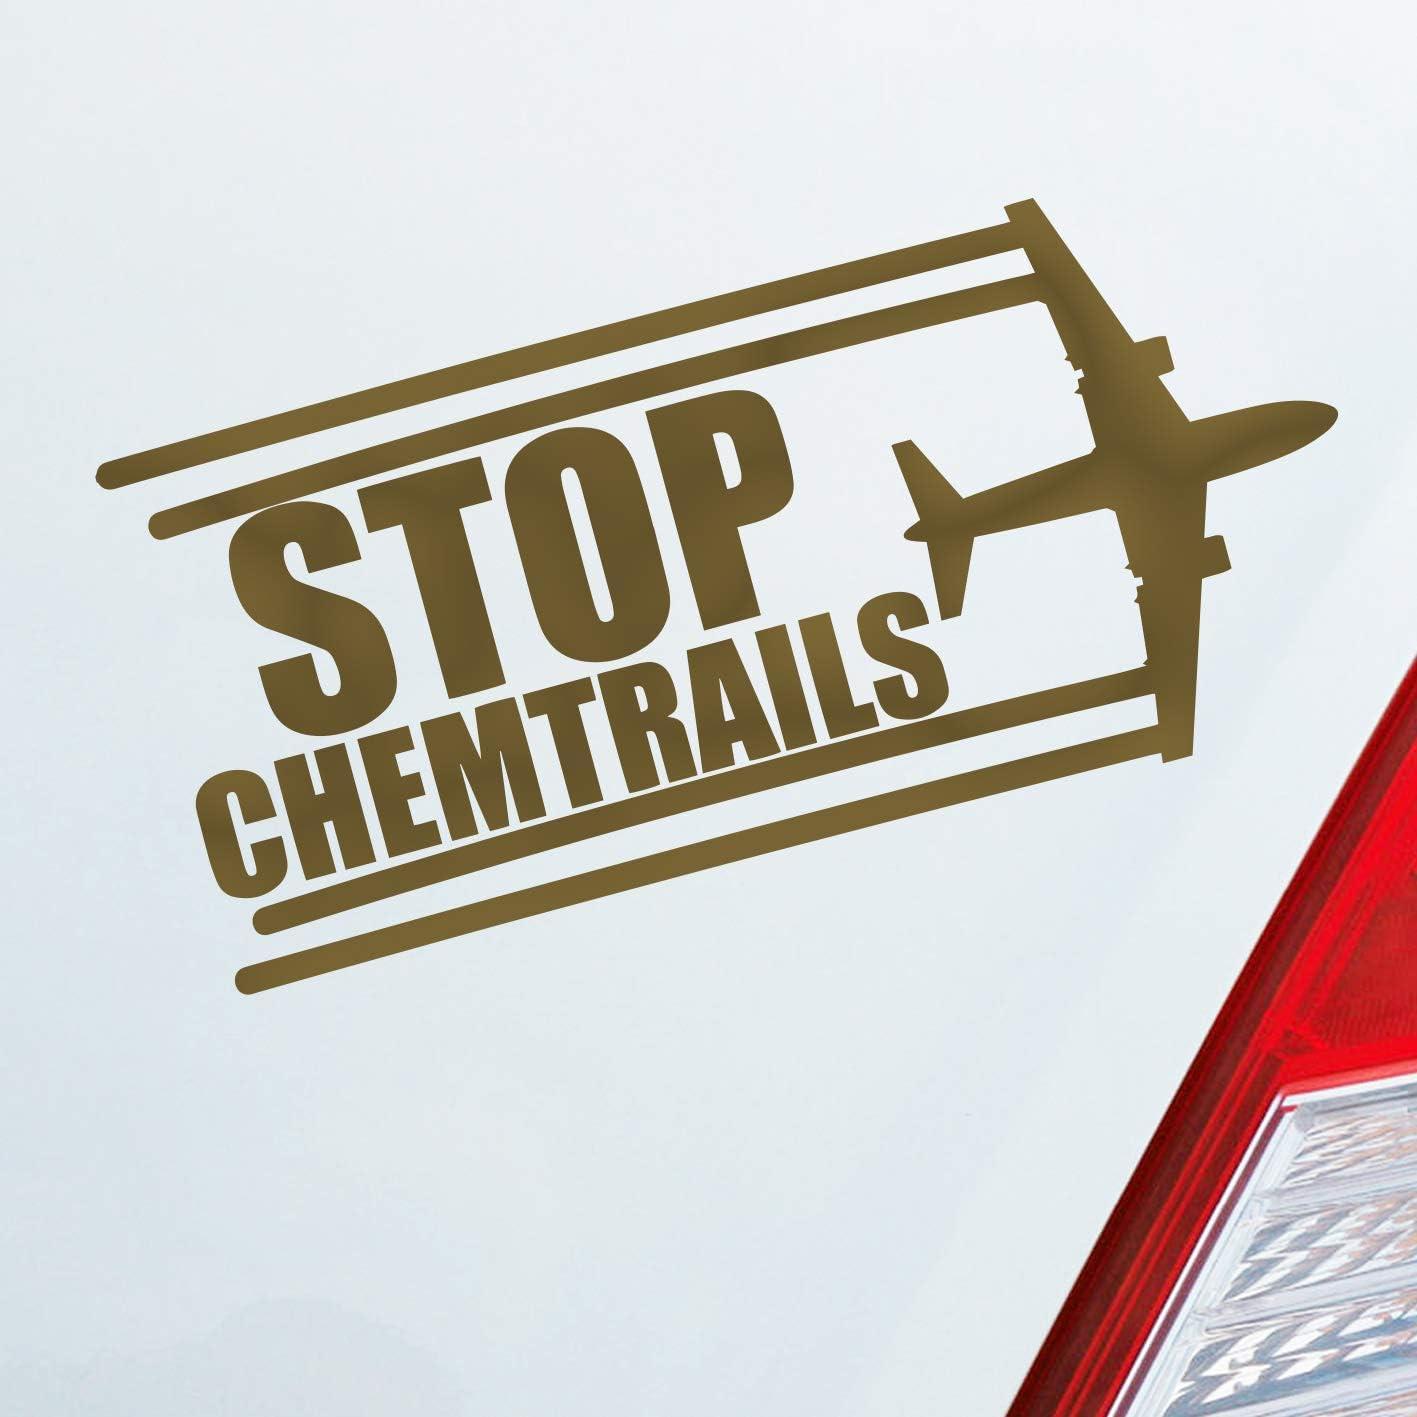 Adhesivo para el coche, avión con mensaje «Stop Chemtrails» (versión en inglés) para protesta divertida, 18, 5 x 9 cm, pegatina para el coche: Amazon.es: Coche y moto